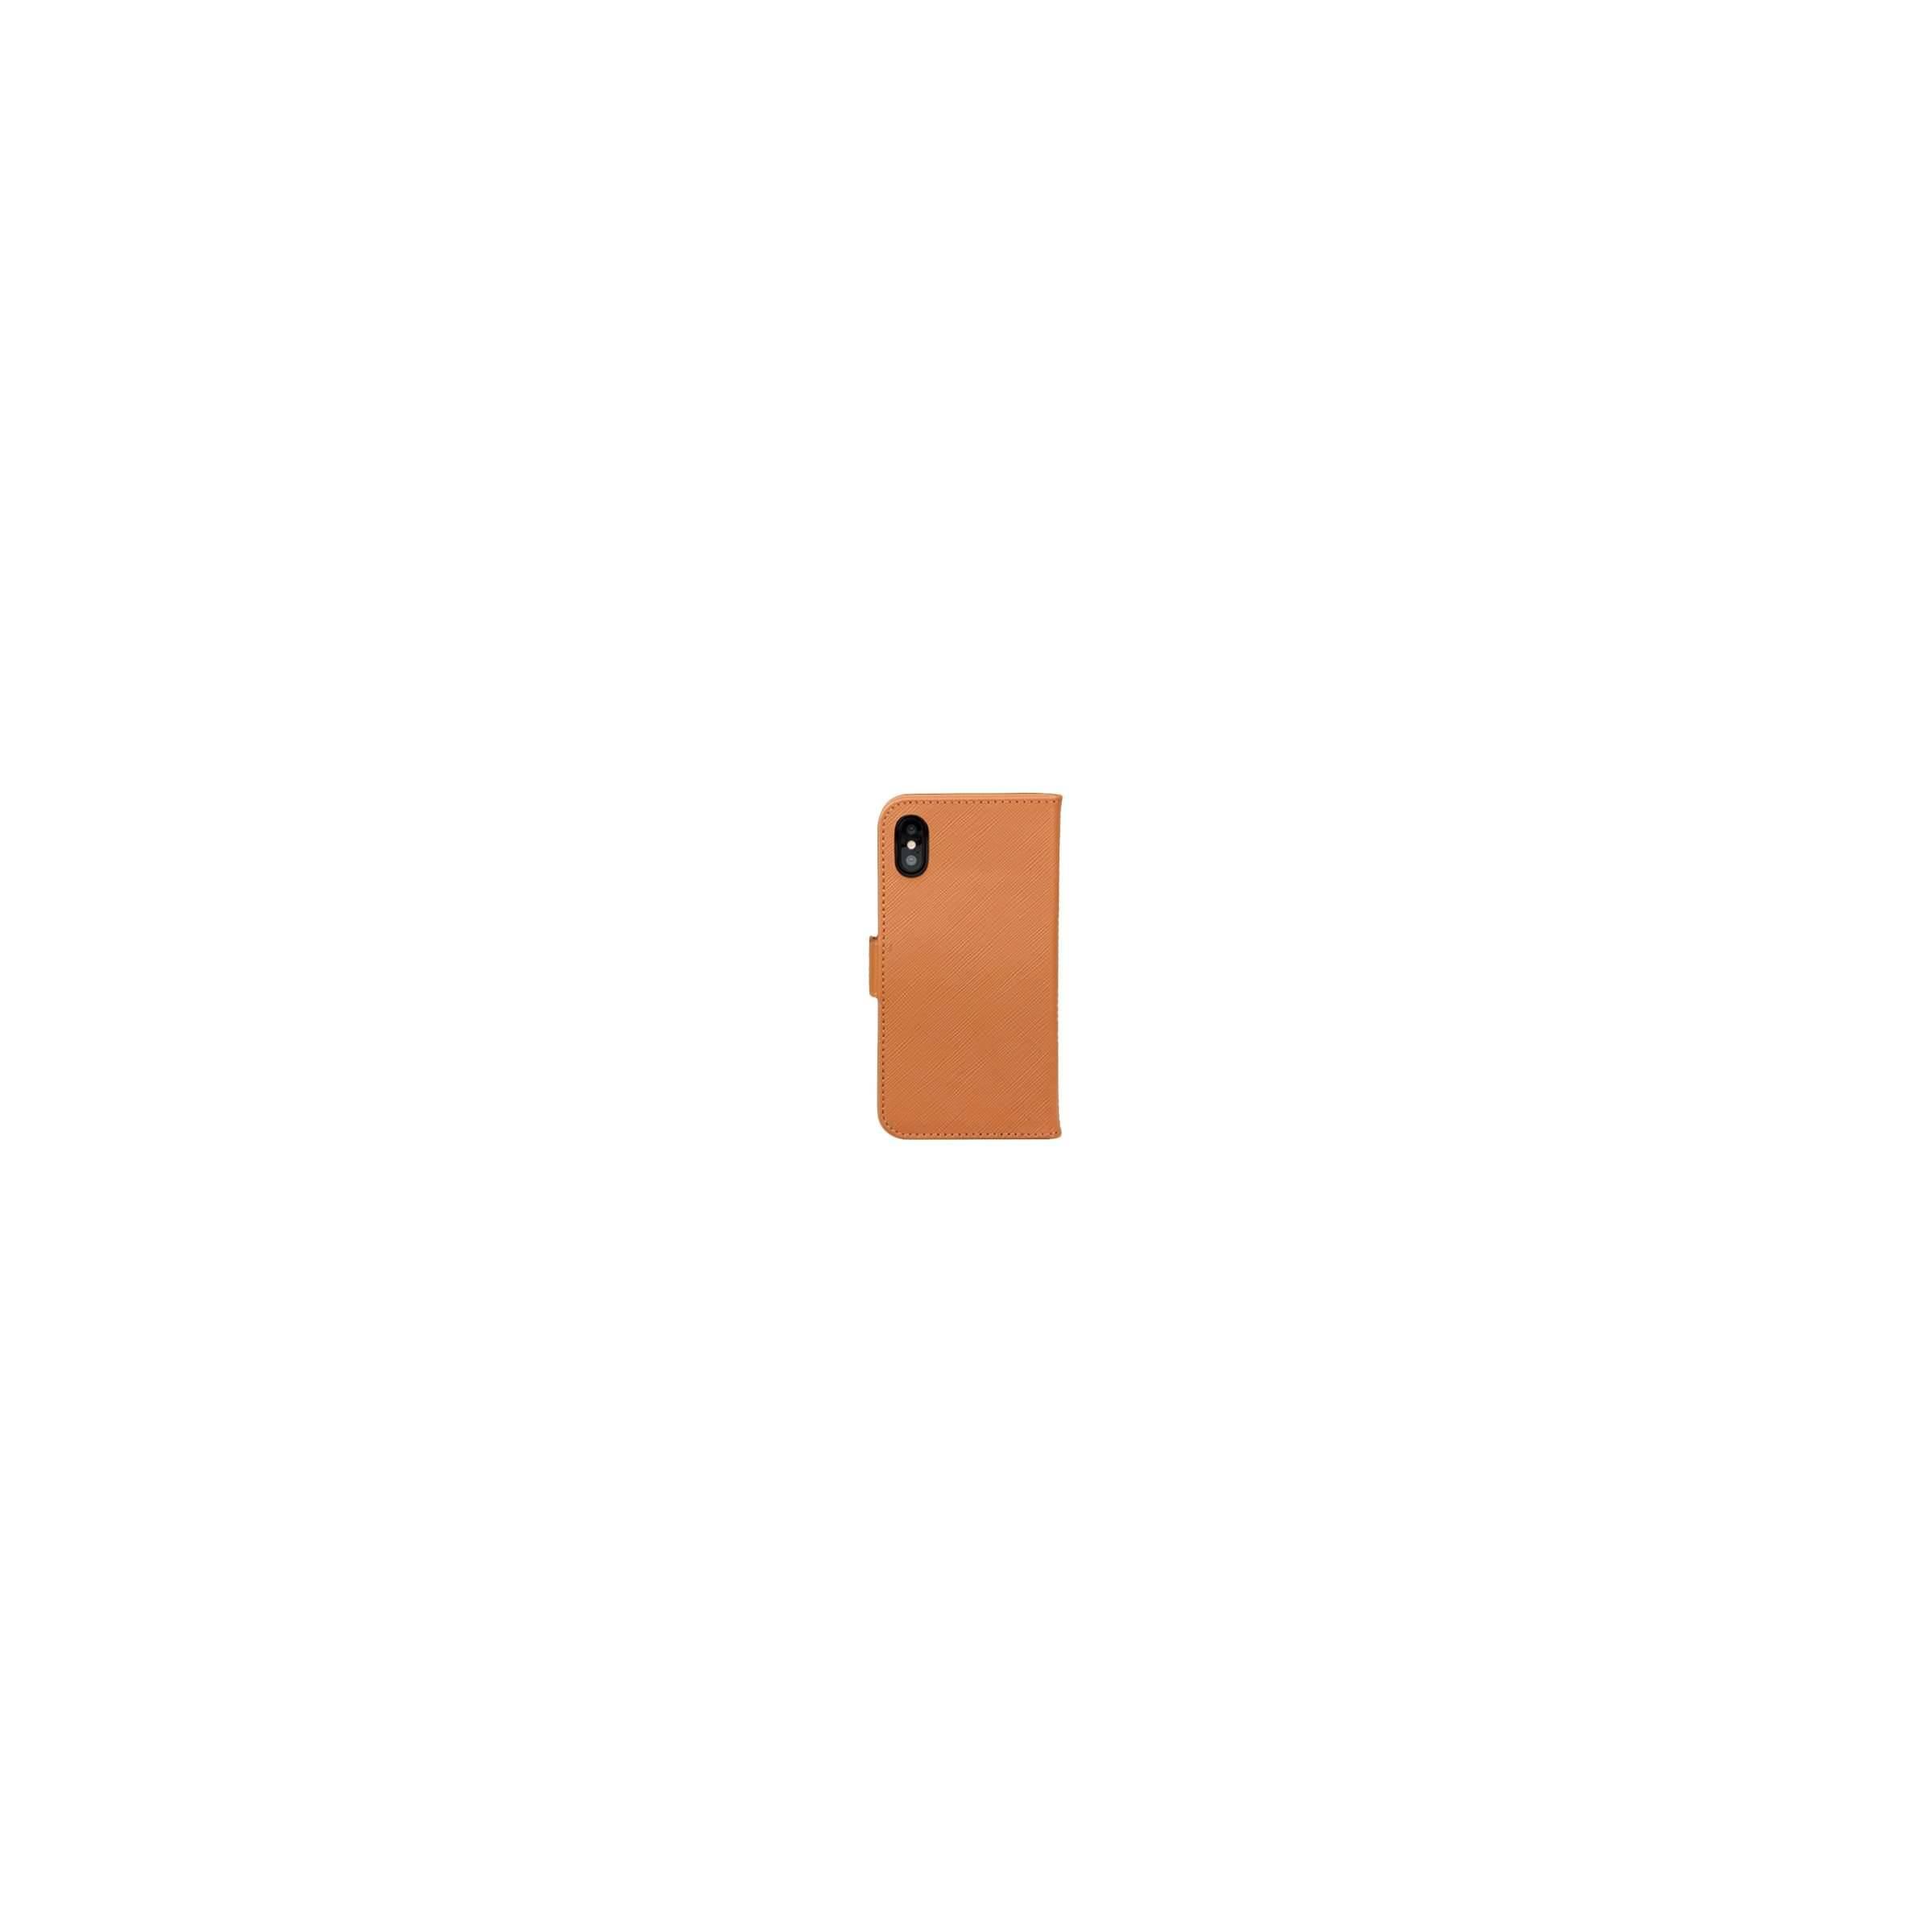 Iphone x/xs cover i ægte læder med klap fra dbramante1928 farve brun fra dbramante1928 på mackabler.dk